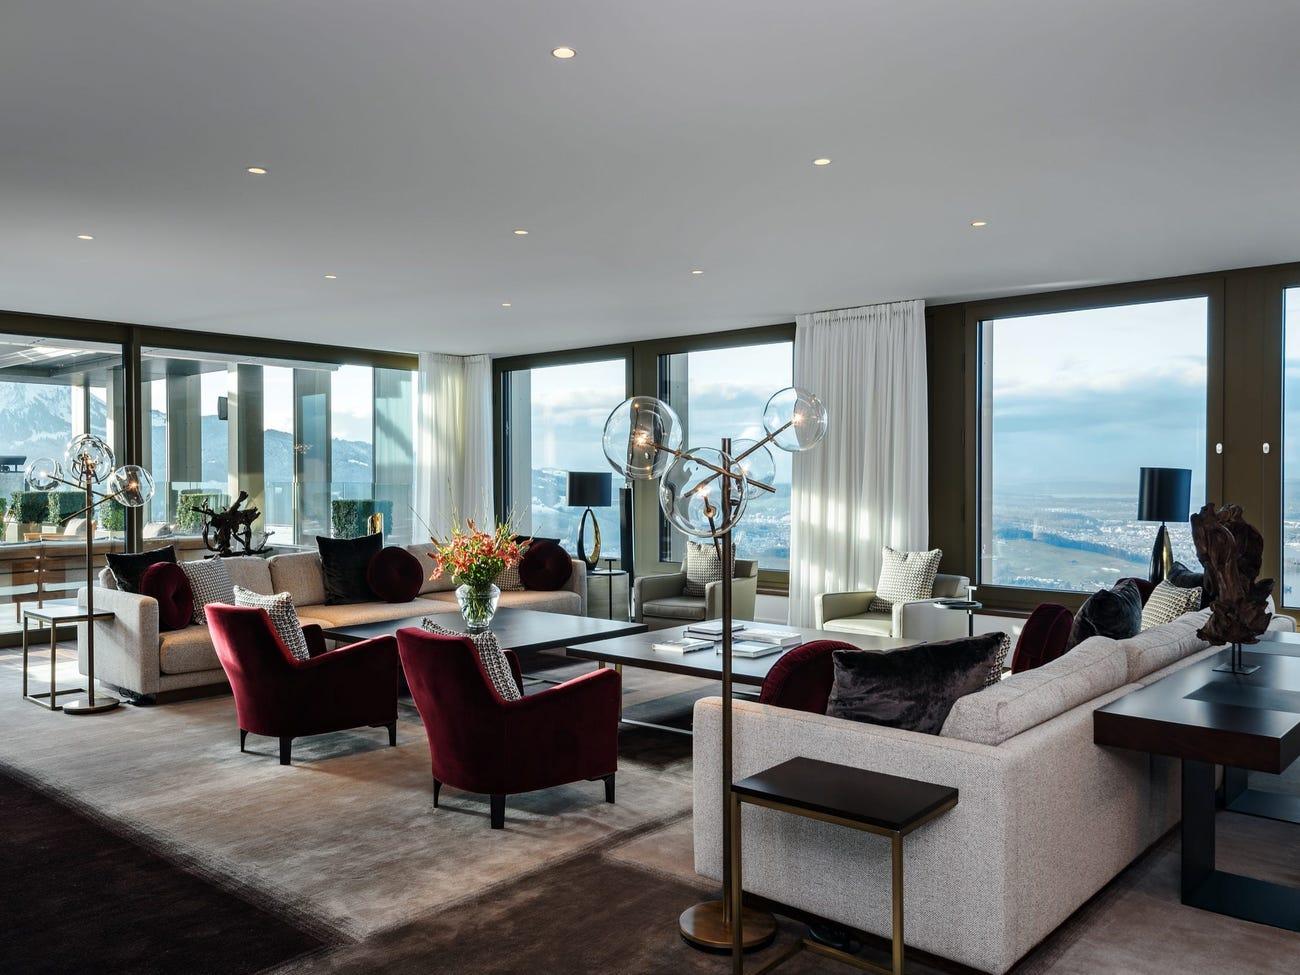 Mỗi phòng suite có khu vực sinh hoạt rộng rãi, tầm nhìn toàn cảnh ra hồ Lucerne và được trang bị một cây đàn piano lớn. Ảnh: Bürgenstock Hotels AG